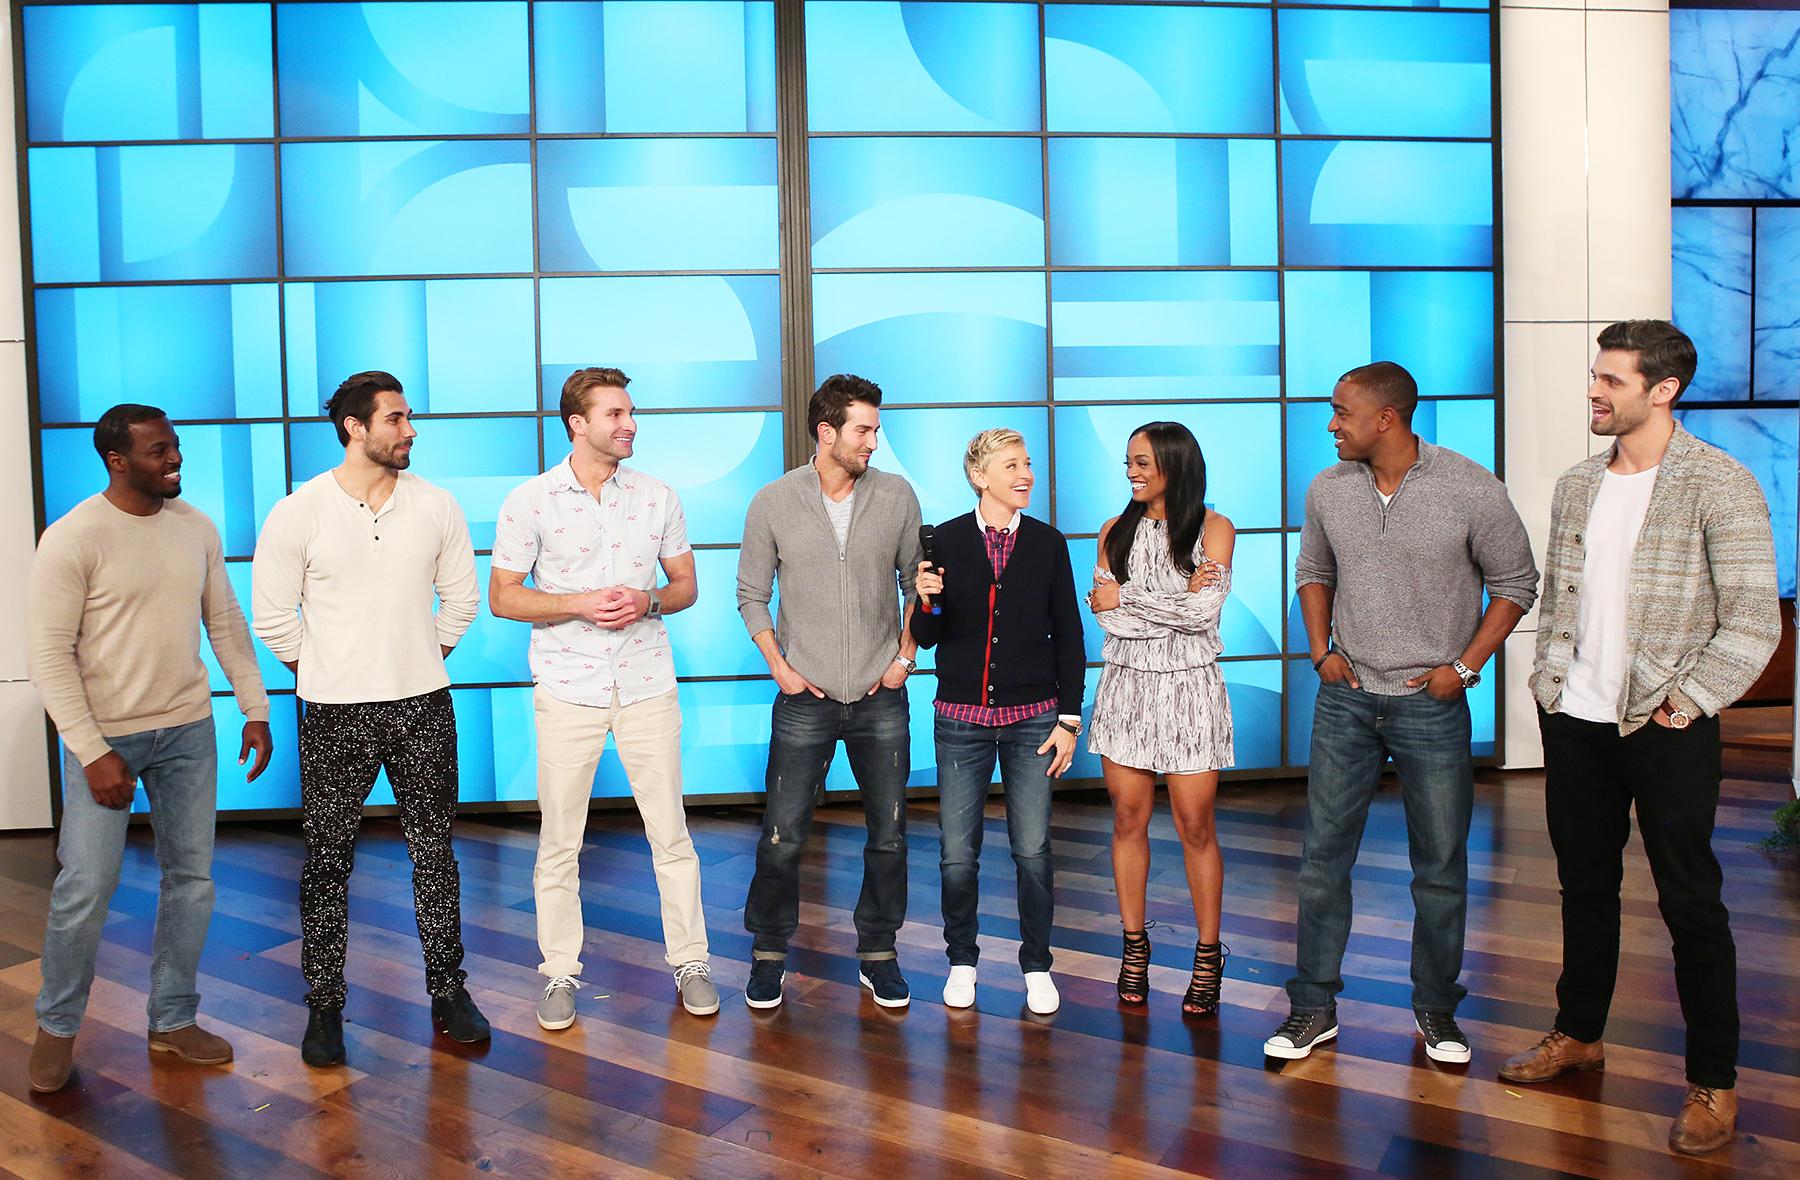 Rachel Lindsay Ellen DeGeneres group date The Bachelorette